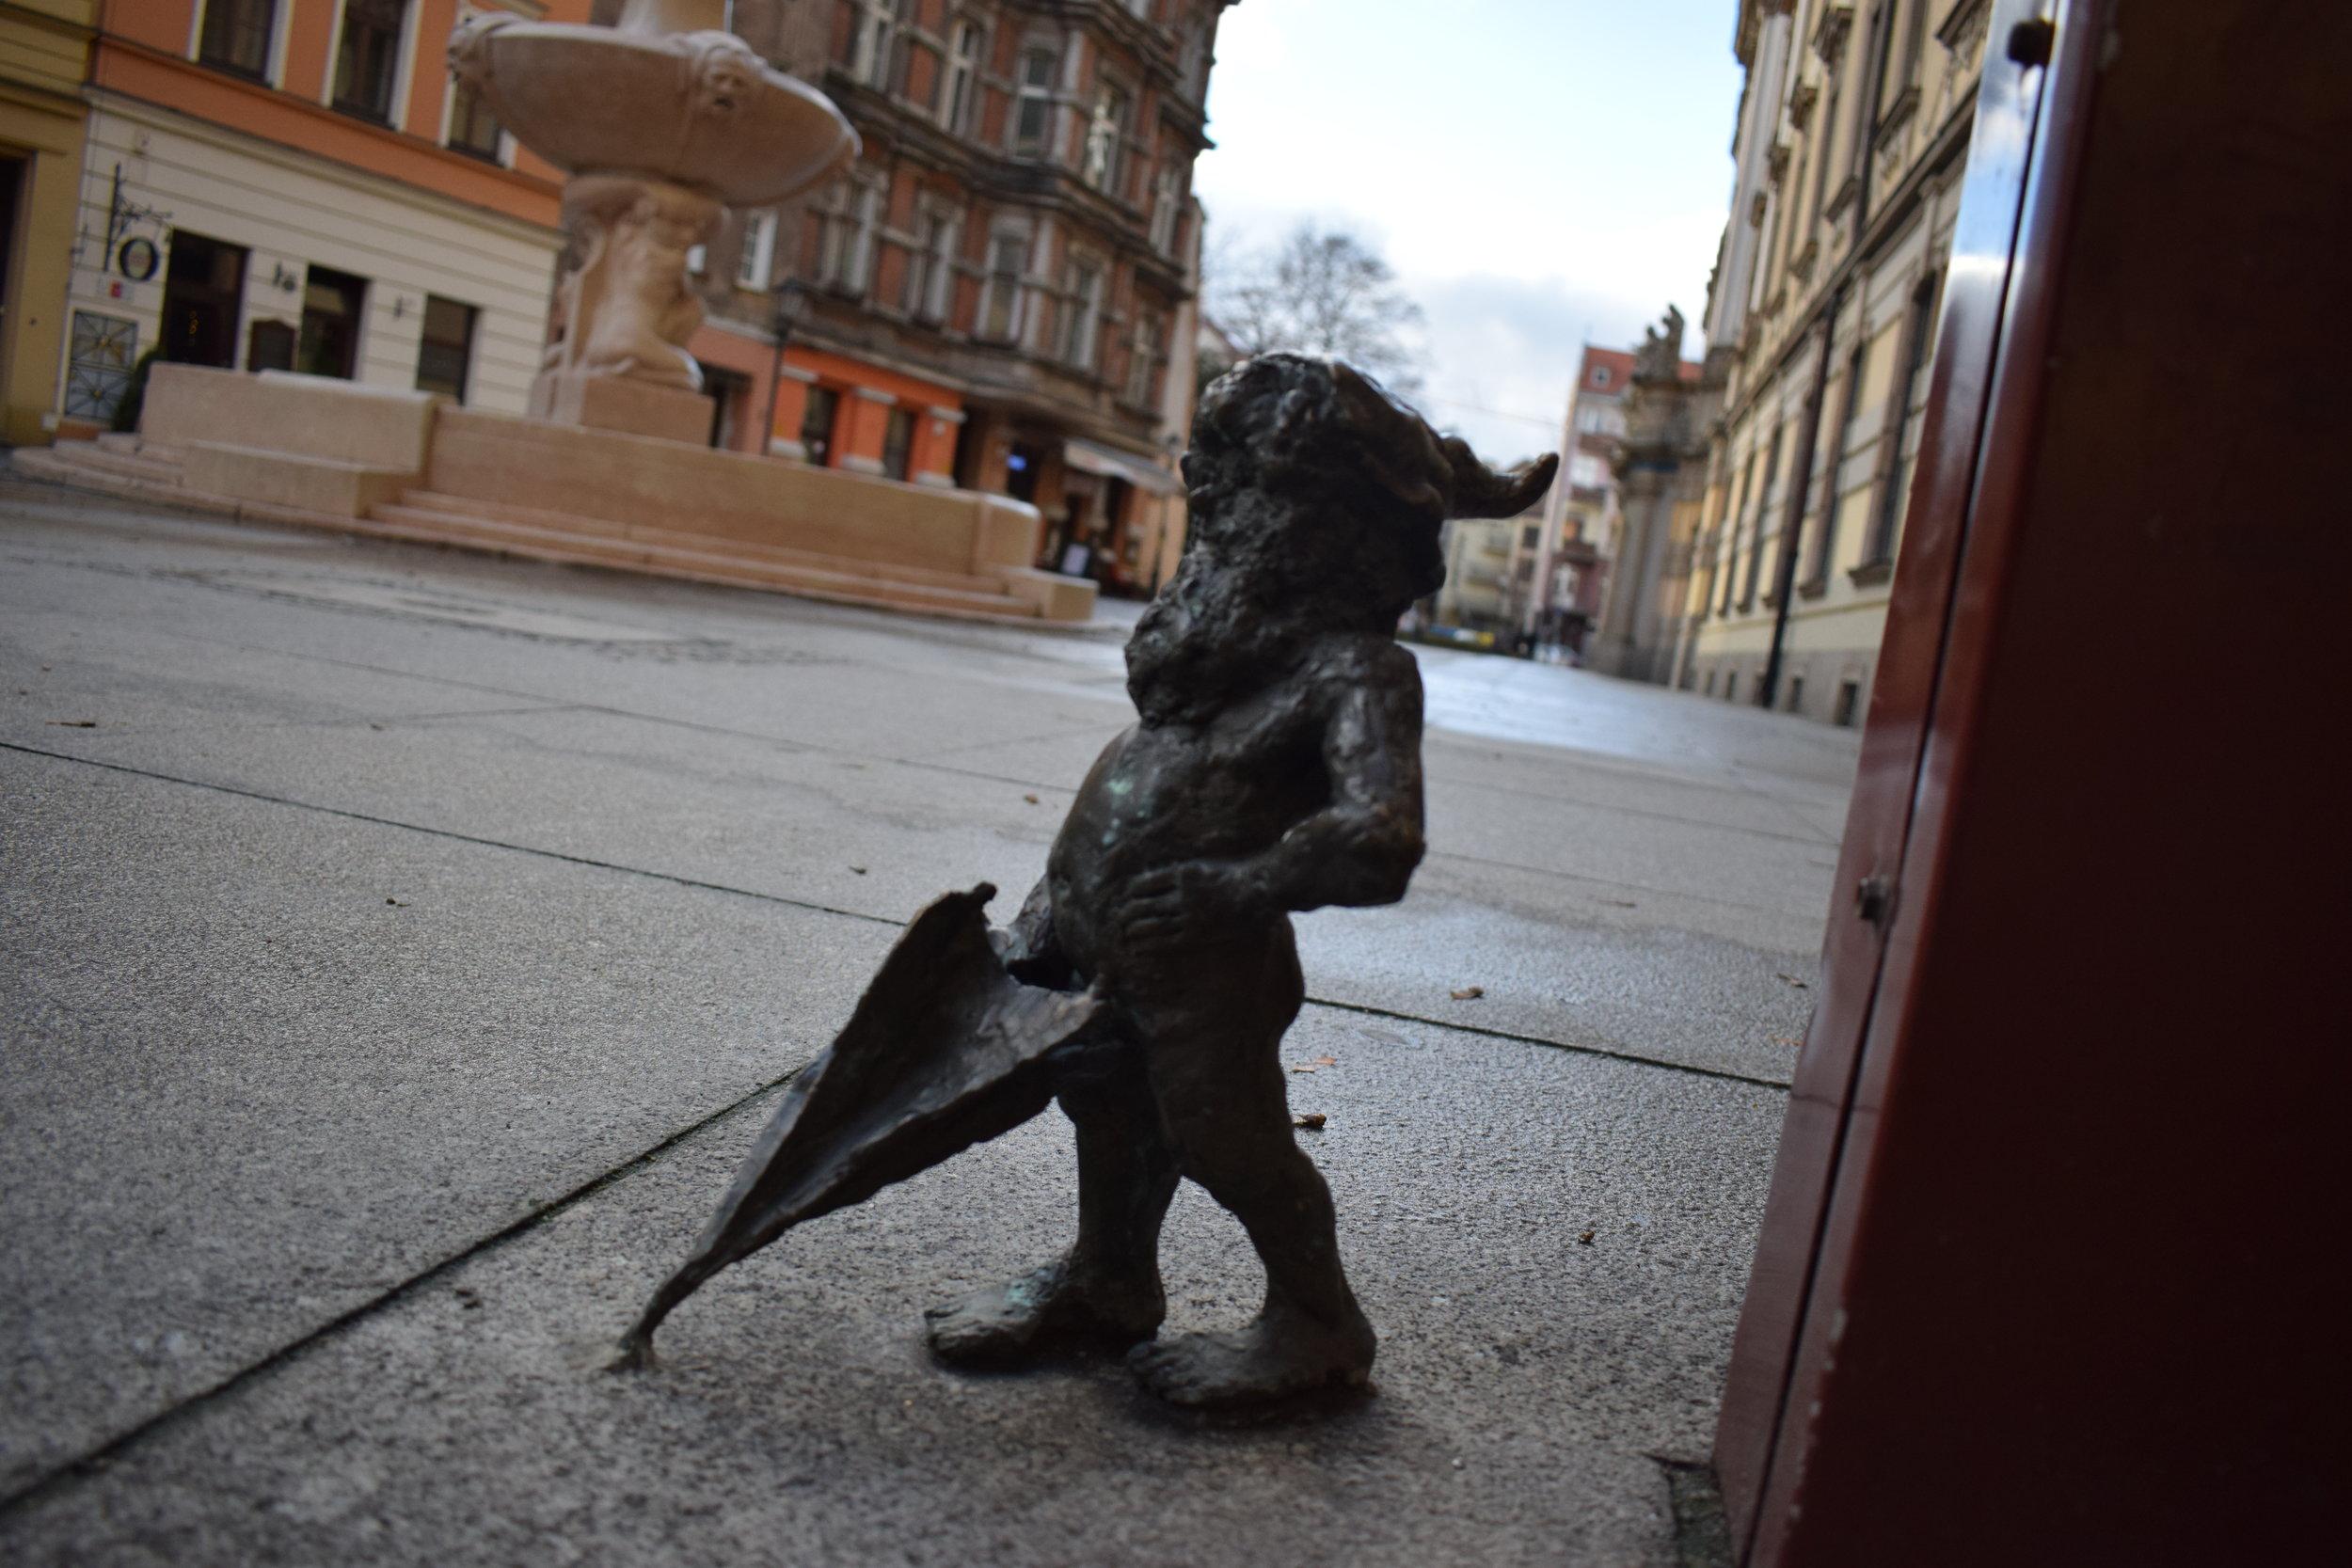 One of over 150 Wrocław dwarfs.